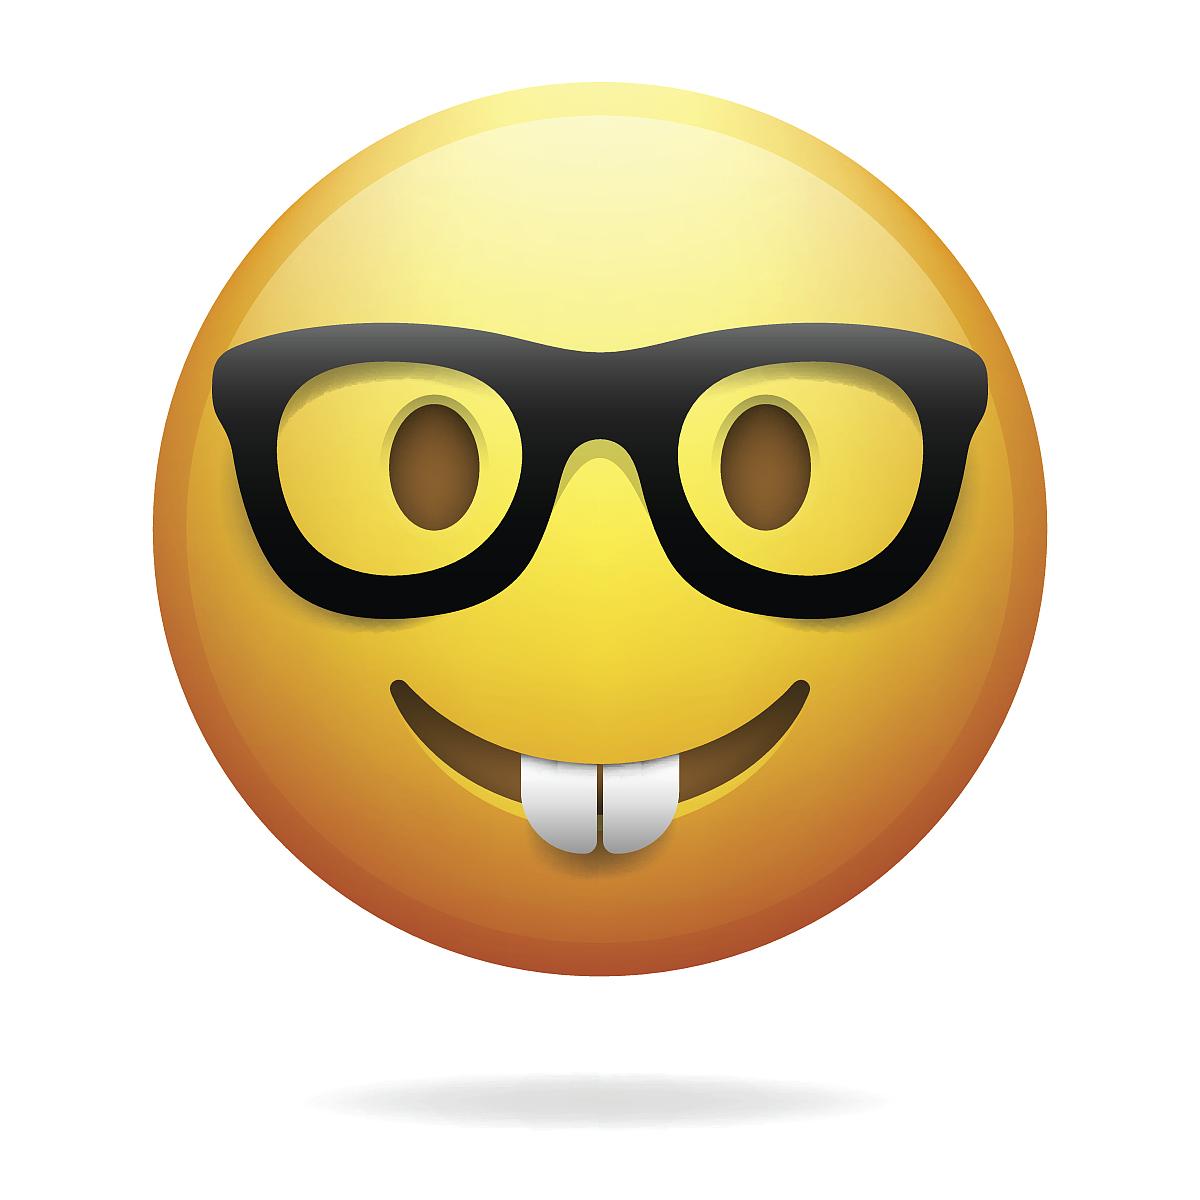 幸福到极点,专门技术,社会化网络,一个物体,信函,3d电影,儿童,图标图片